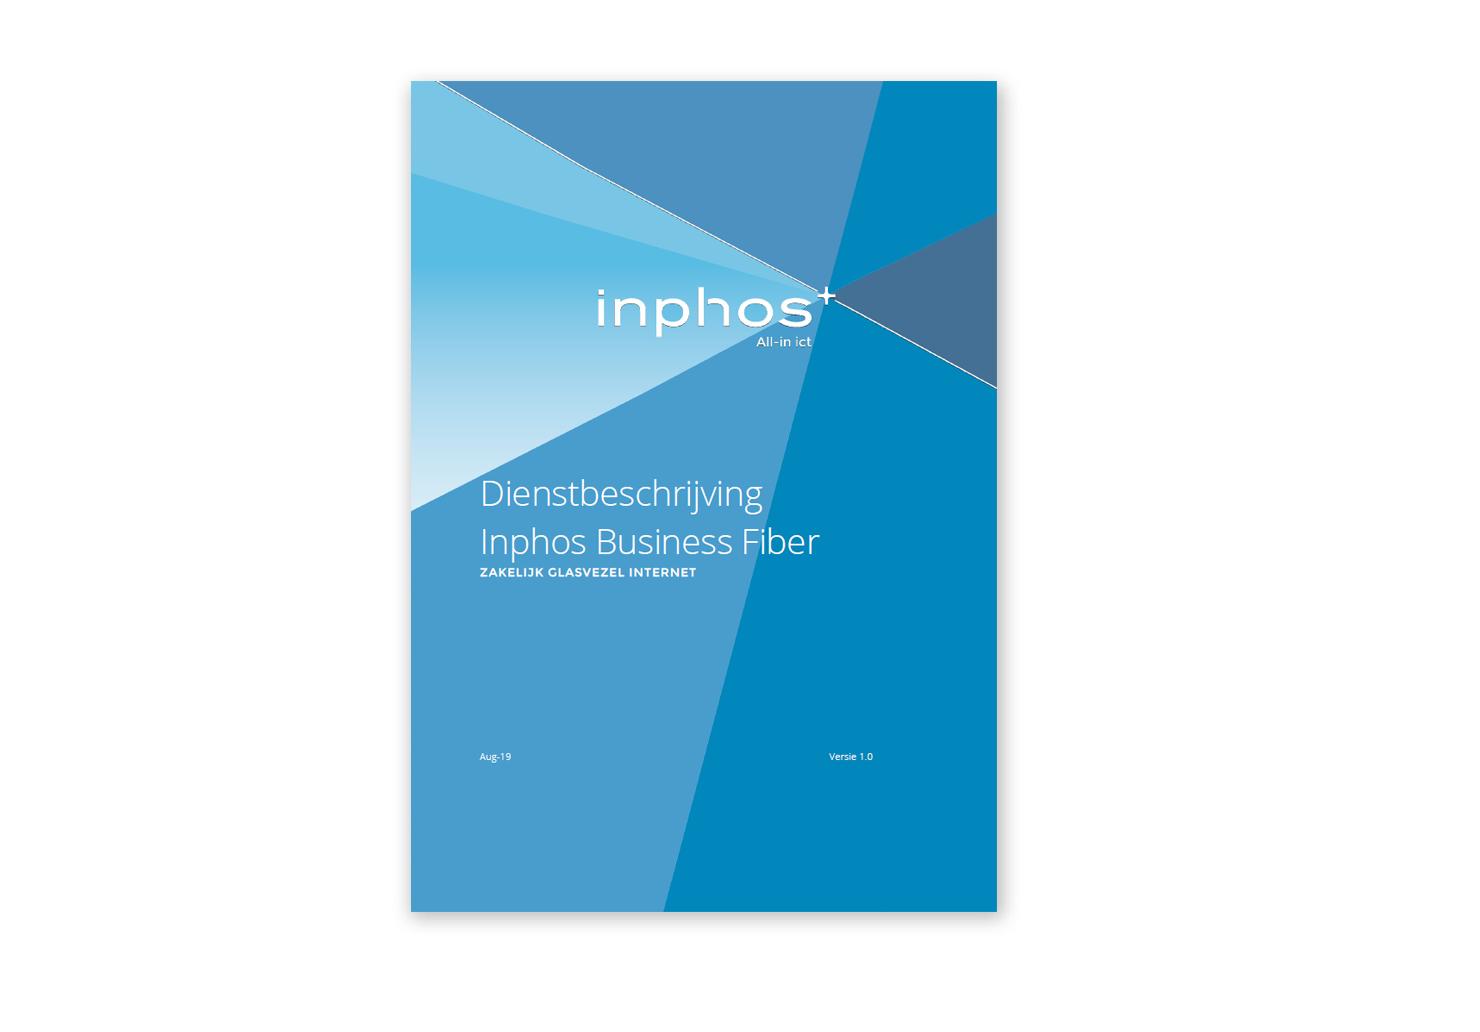 dienstbeschrijving inphos business fiber